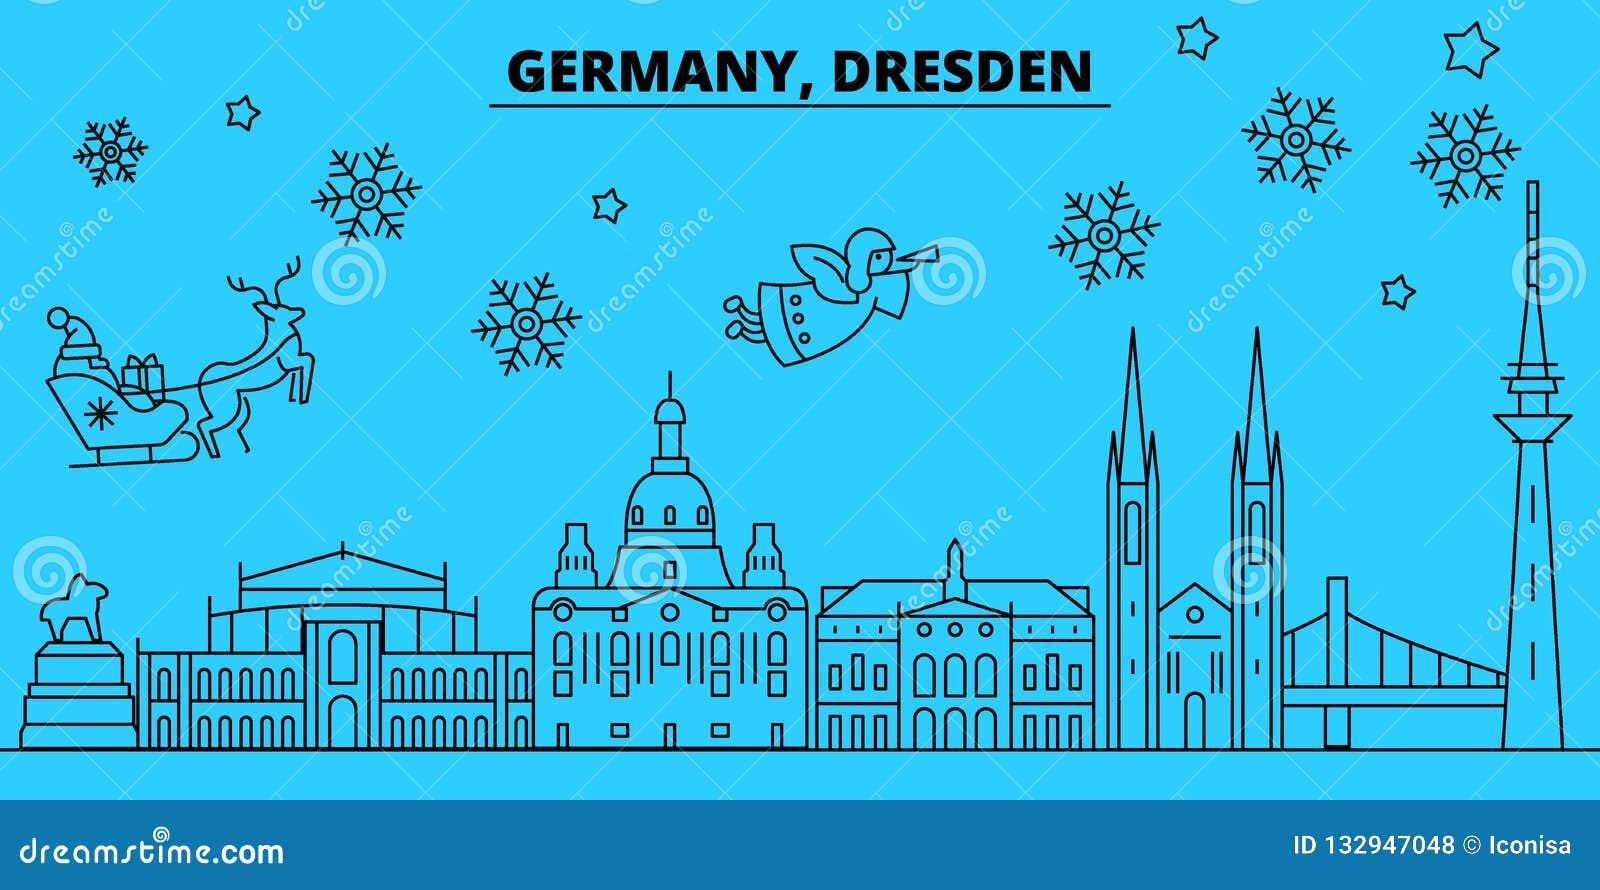 Frohe Weihnachten Aus Deutschland.Winterurlaubskyline Deutschlands Dresden Frohe Weihnachten